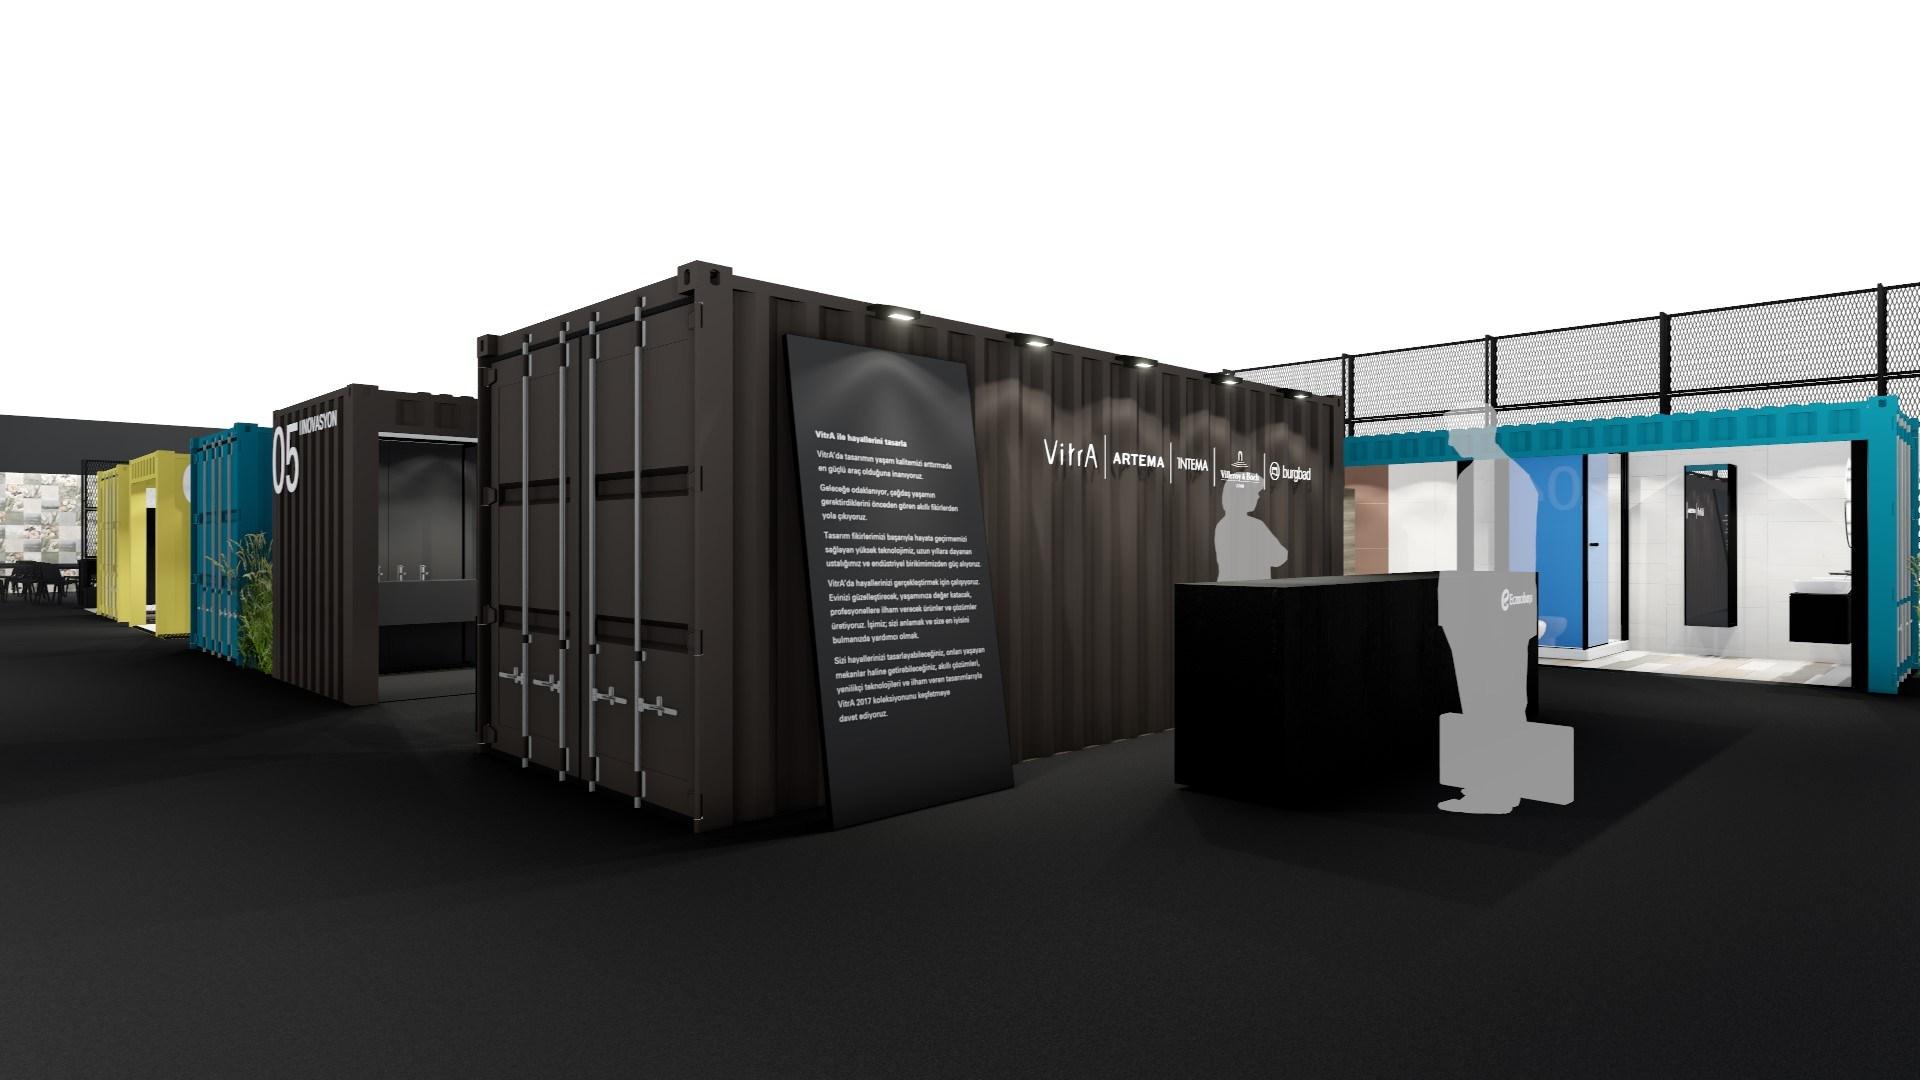 Neo Tasarım'ın SketchUp ve Lumion ile Hazırladığı Tasarım IF Design Awards 2018 Ödülü Aldı 17